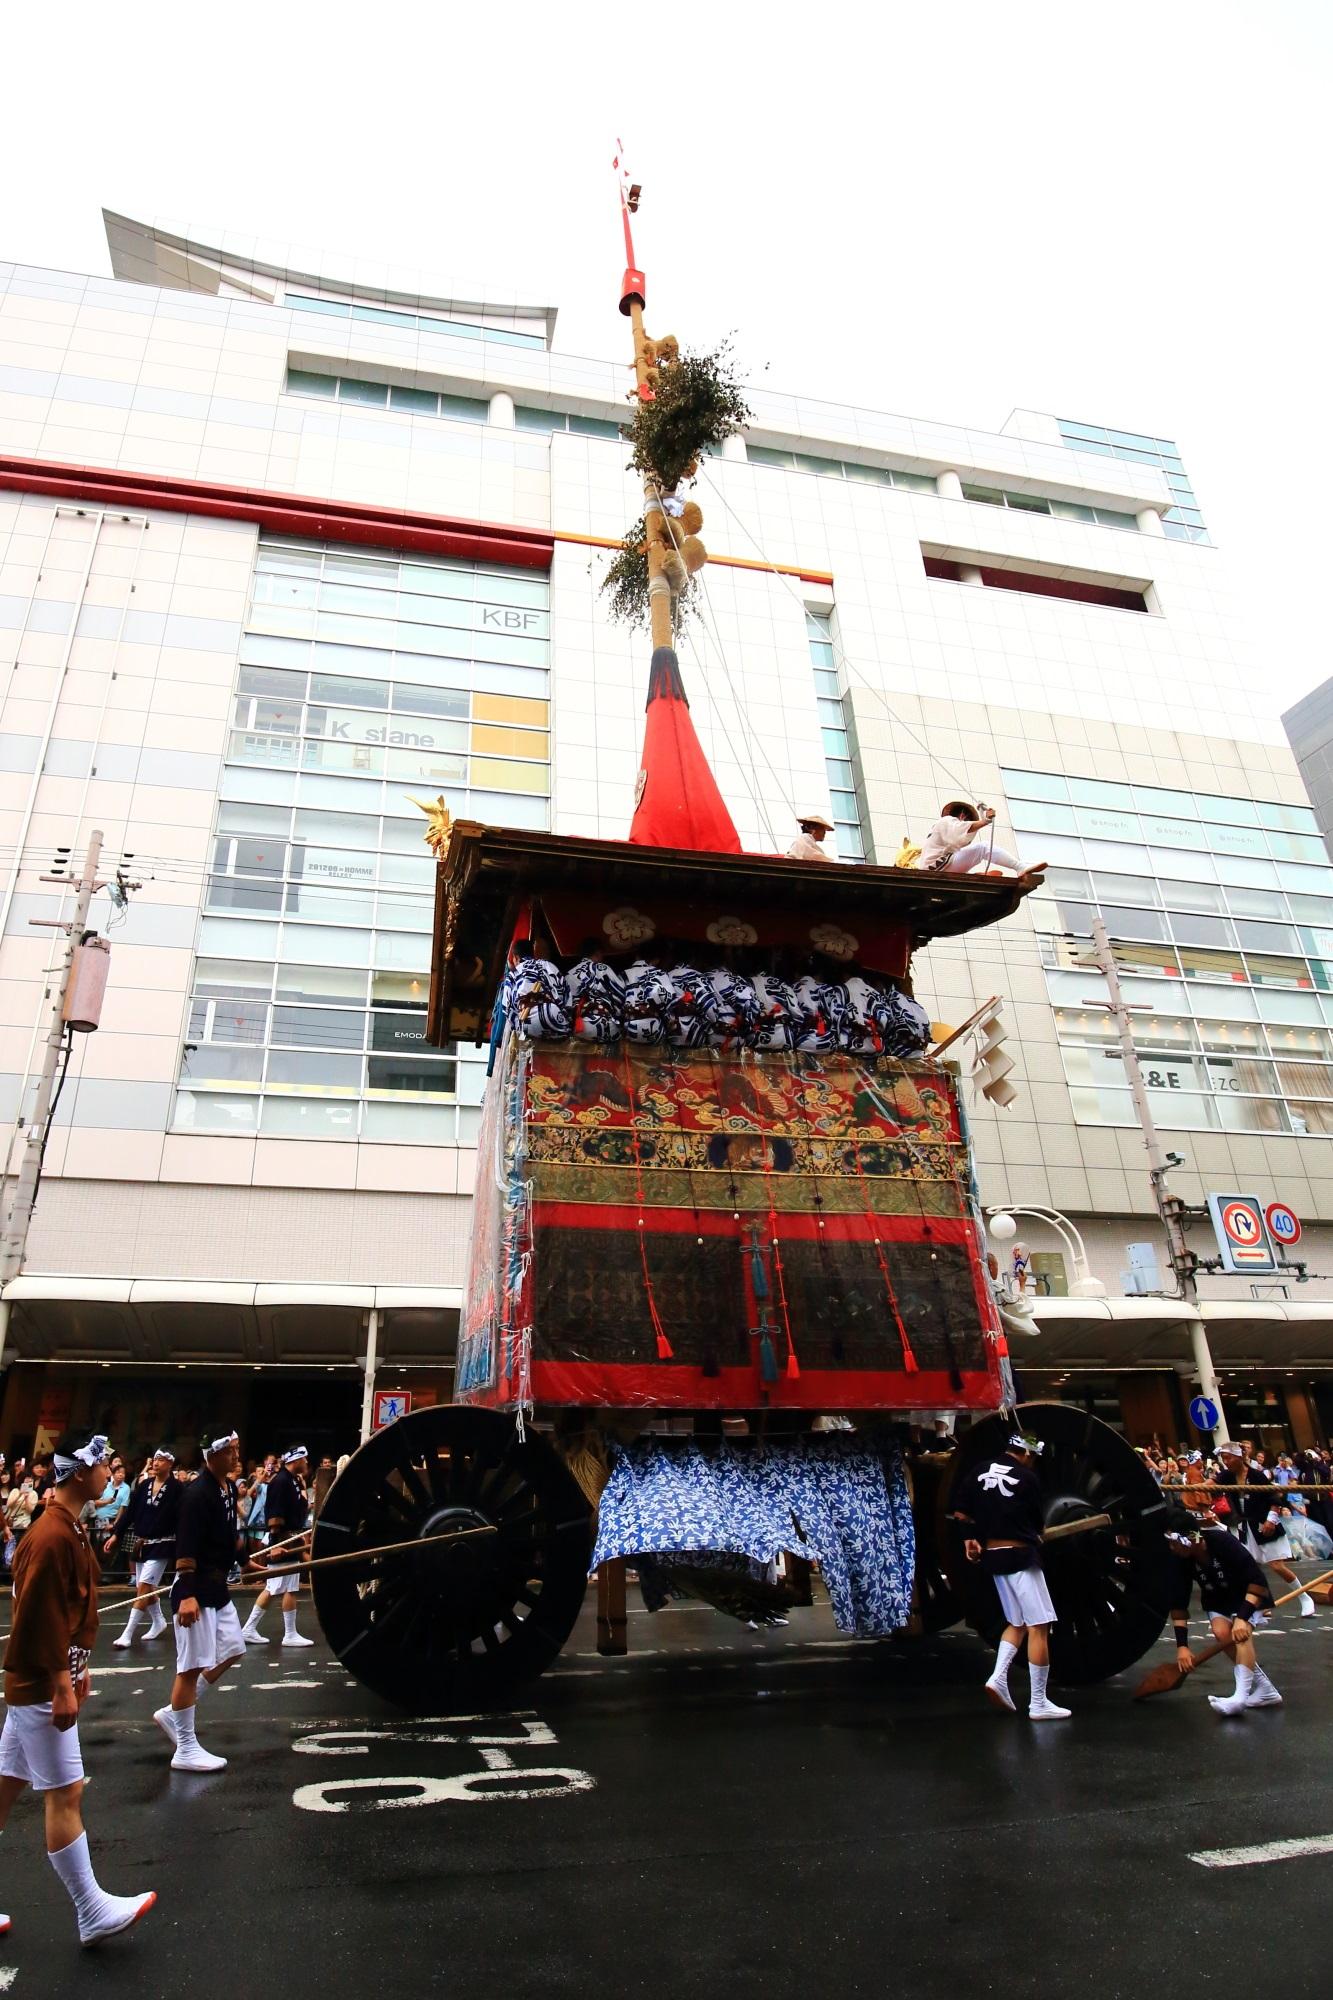 祇園祭の山鉾巡行の長刀鉾(なぎなたほこ) 7月17日